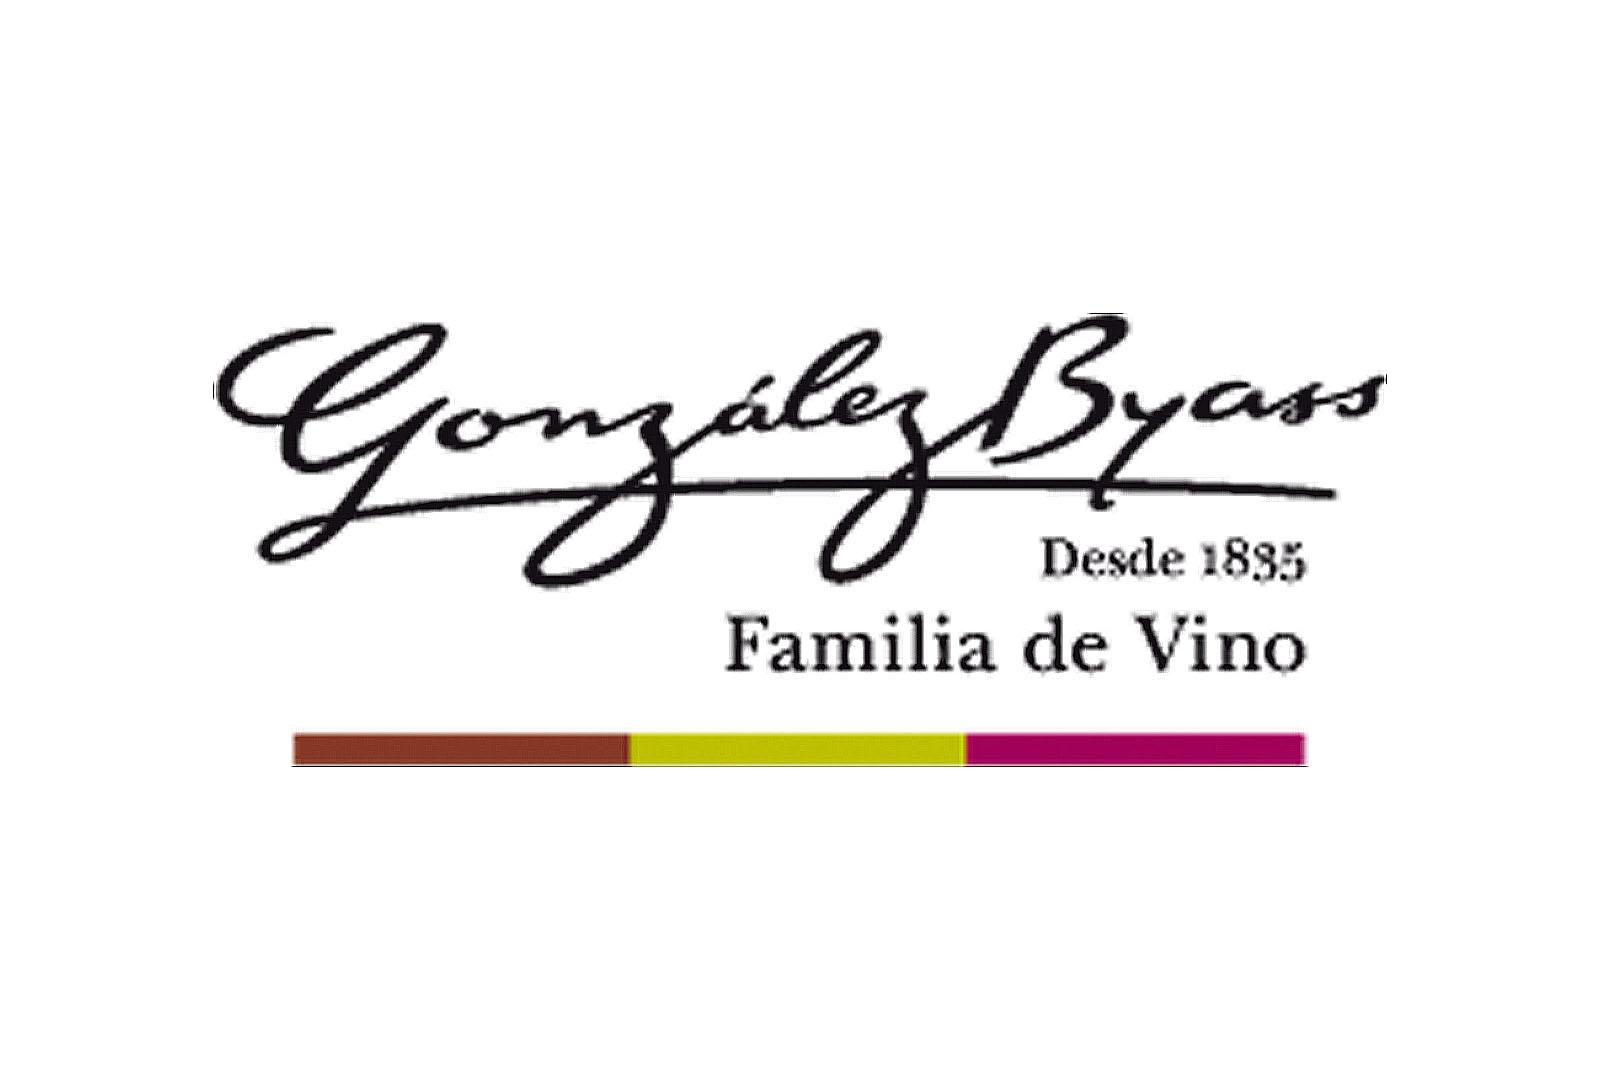 González Byass invierte en Rías Baixas con Pazos de Lusco.